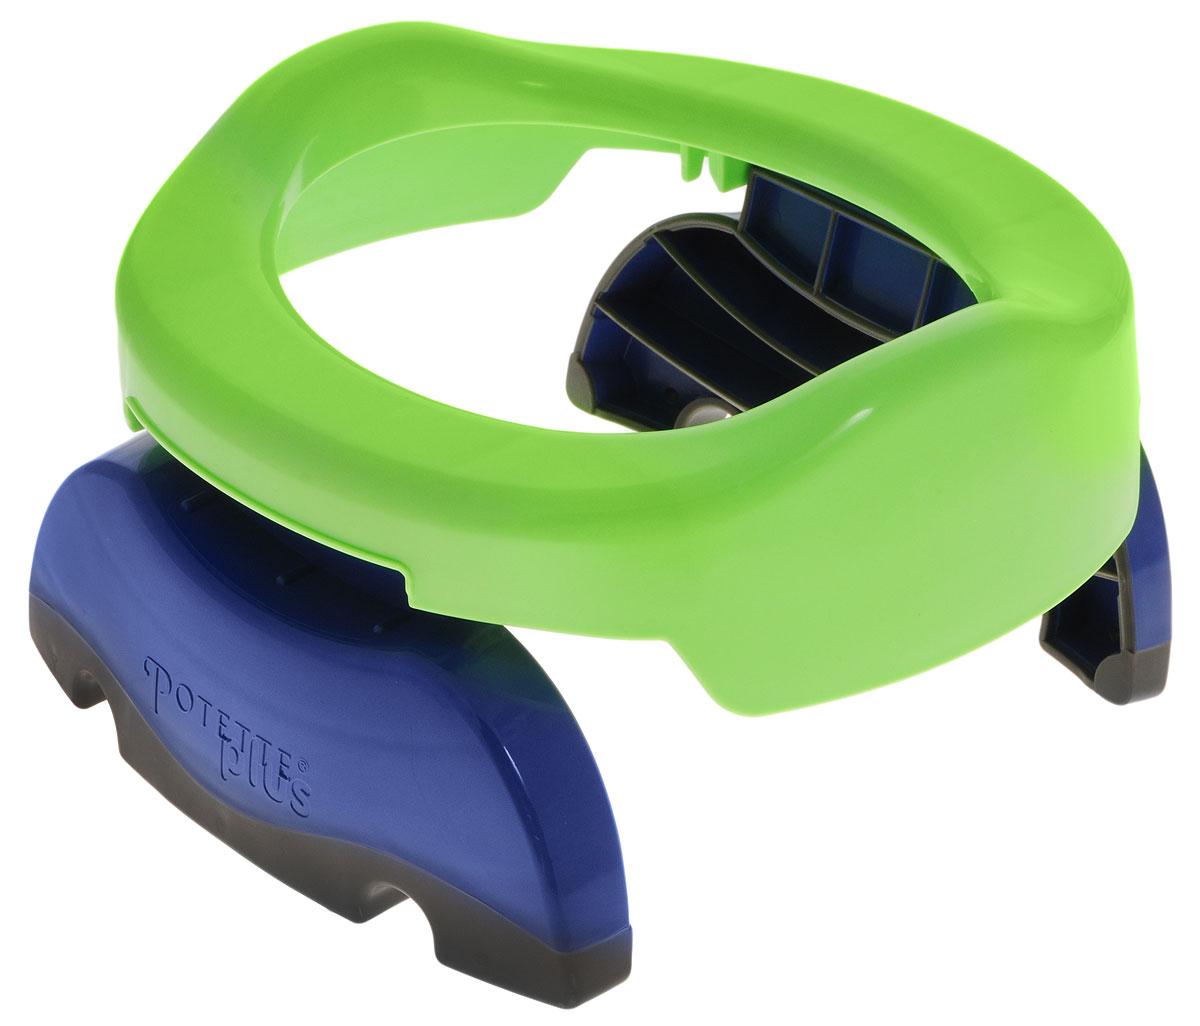 """Дорожный горшок """"Potette Plus"""", цвет: зеленый 23011"""